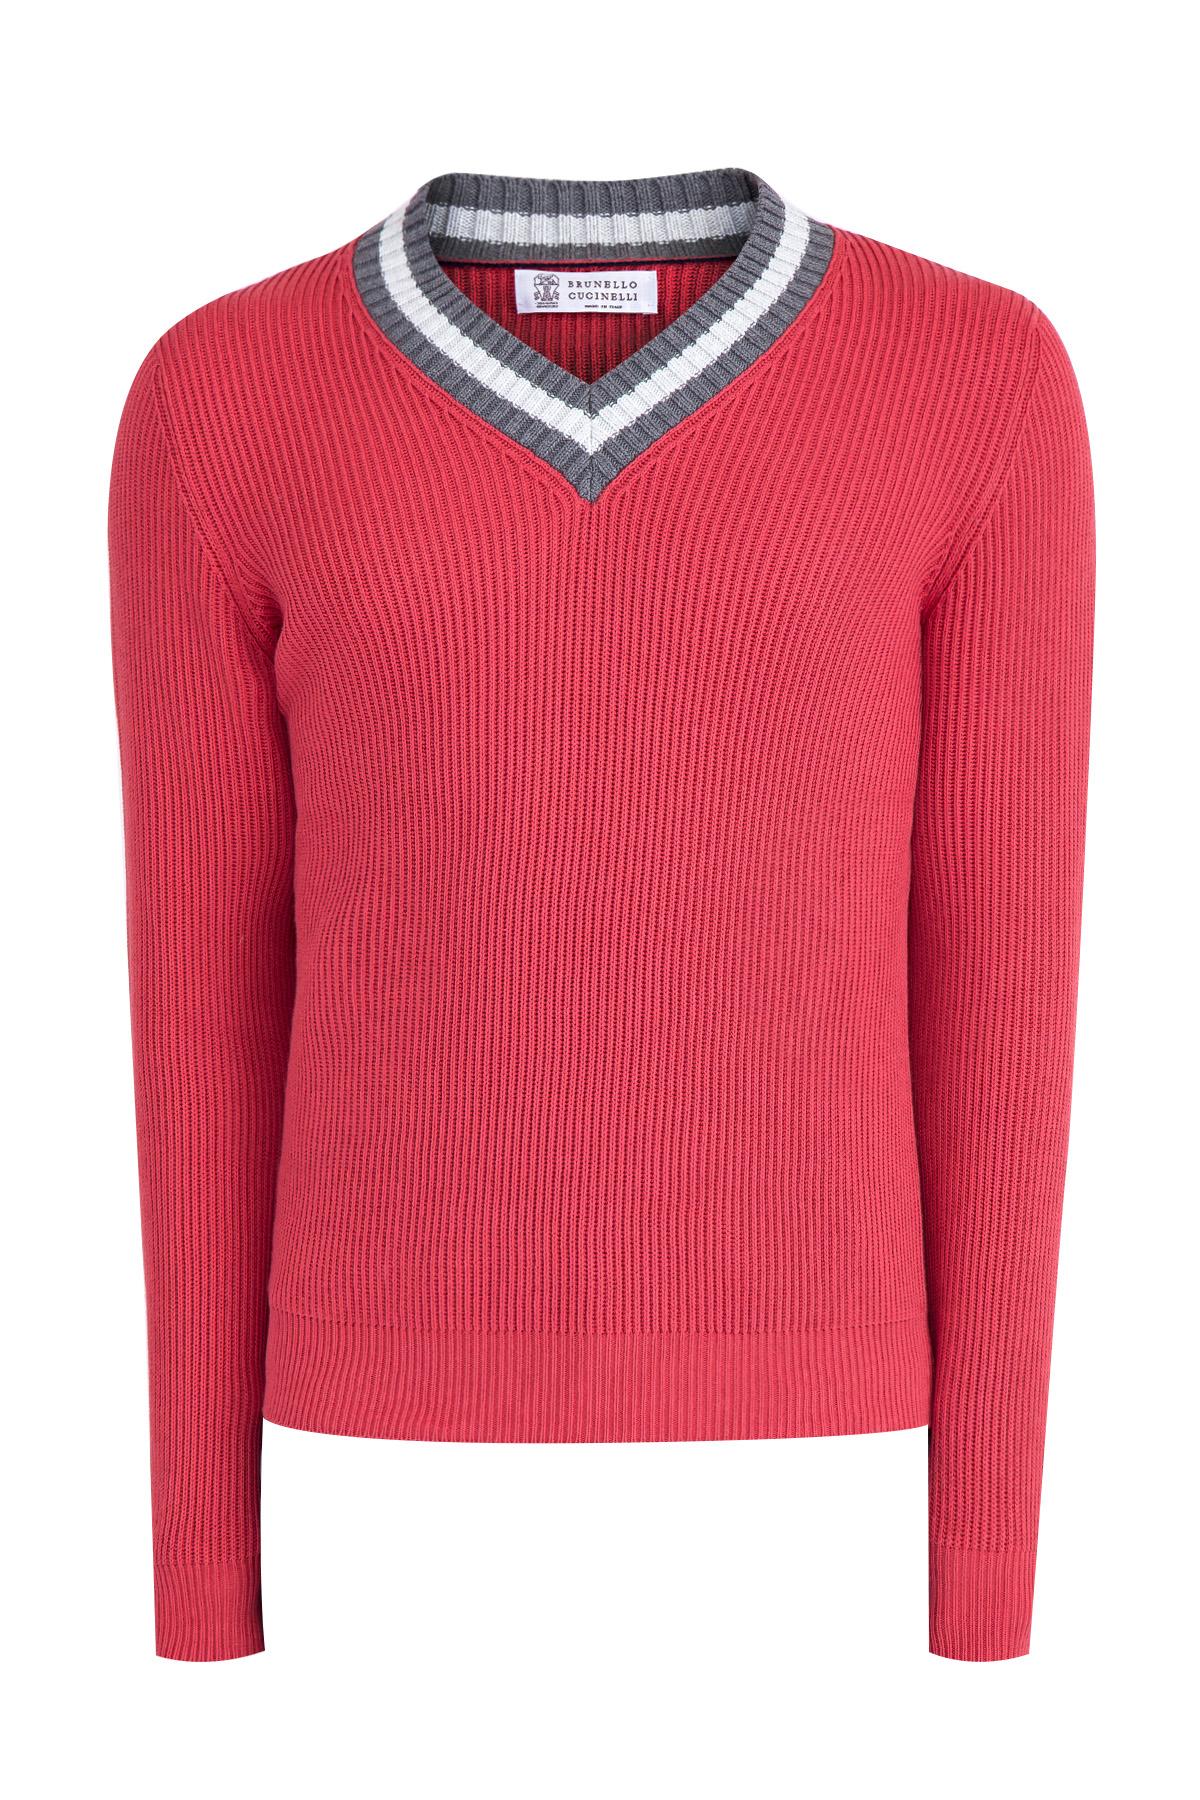 Купить Джемпер Golf Stripes из хлопка с особой рыхлой техникой вязки, BRUNELLO CUCINELLI, Италия, хлопок 100%